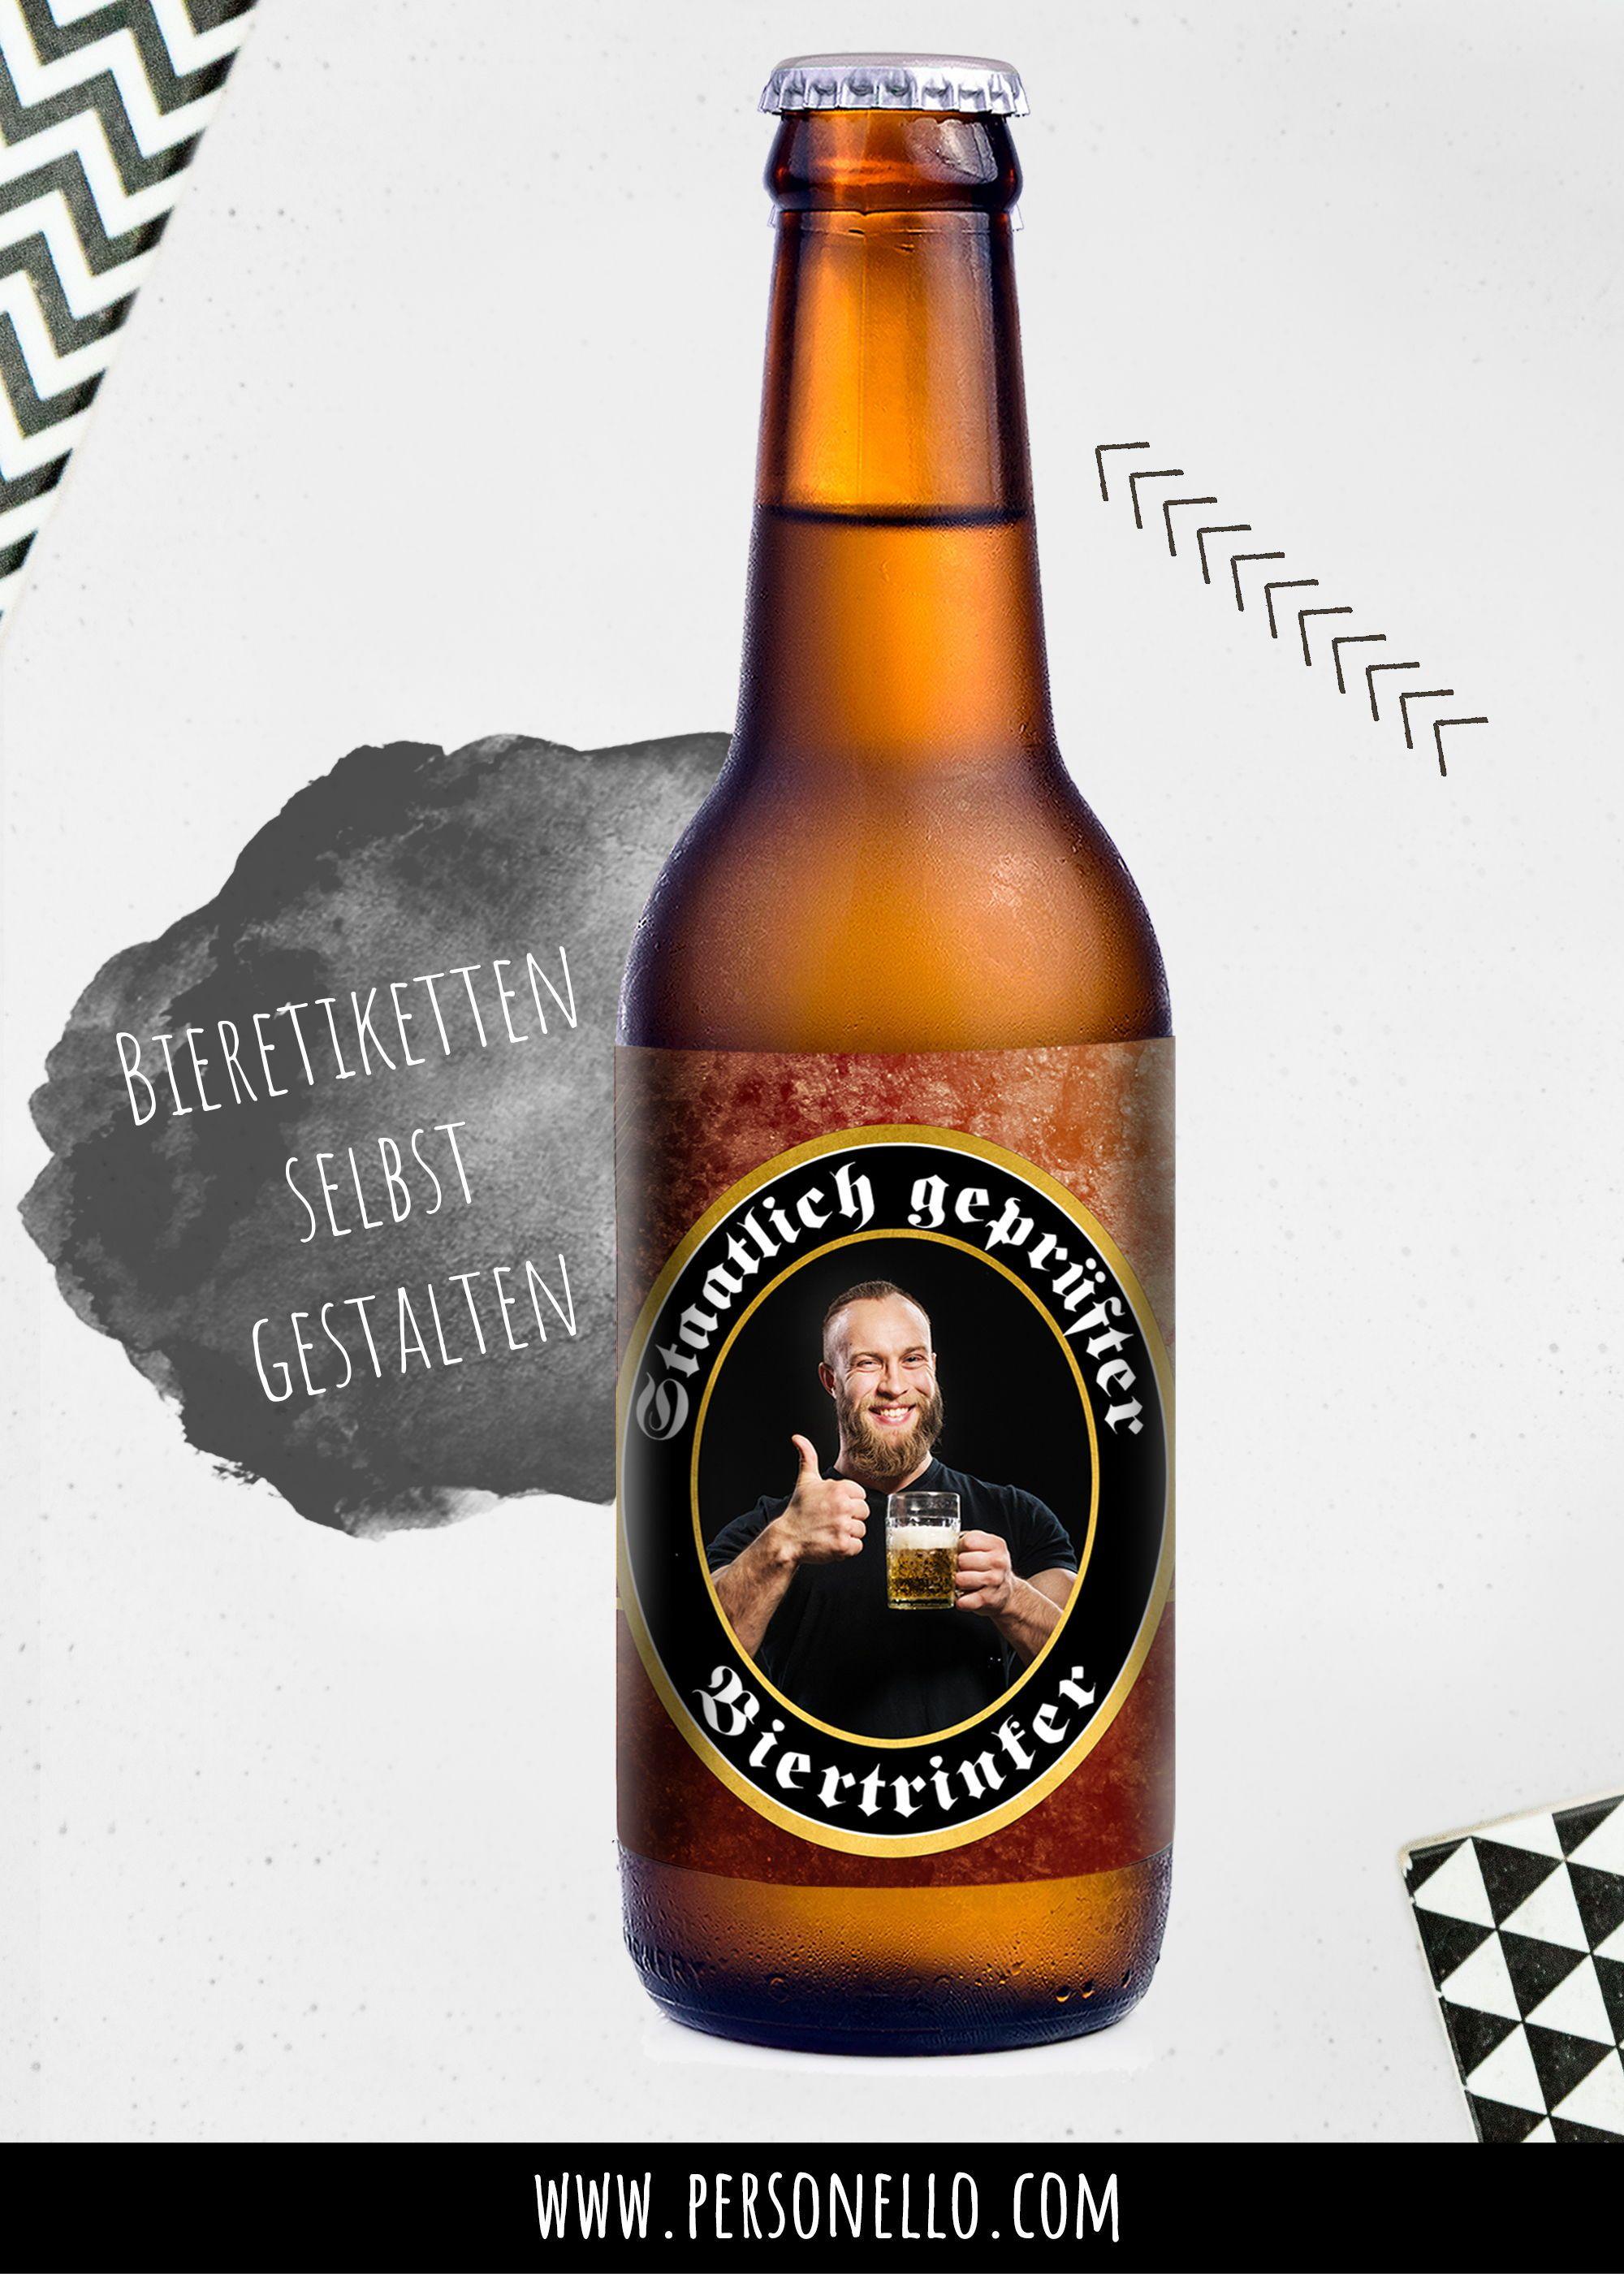 Staatlich geprüfter Biertrinker - Gestalte dein eigenes ...